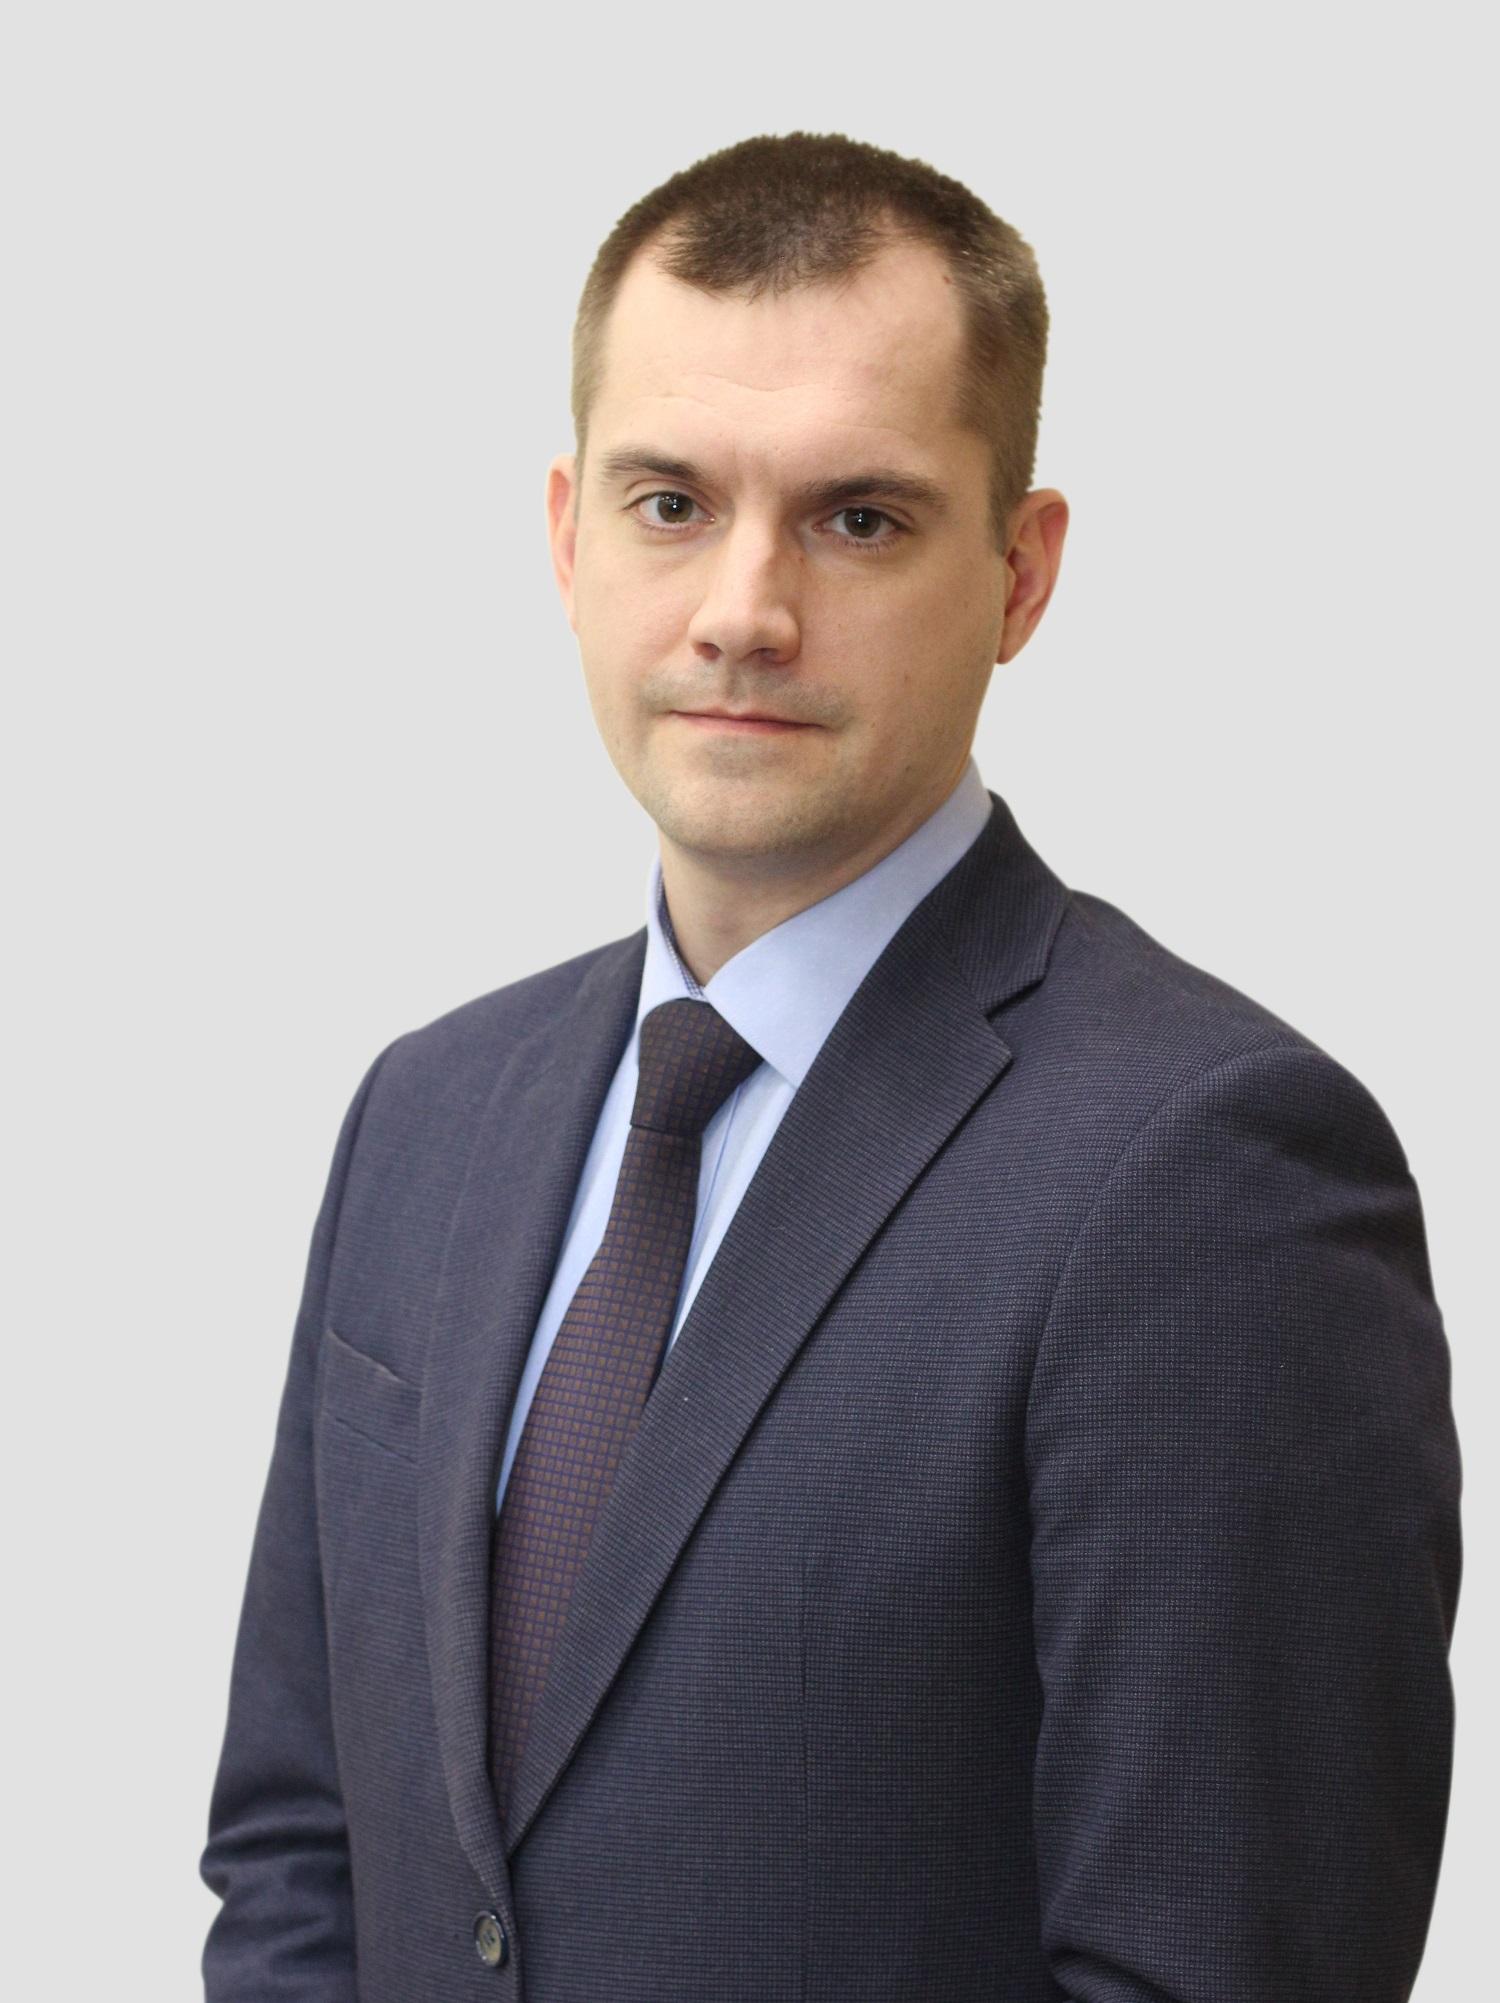 Юрченко Сергей Александрович